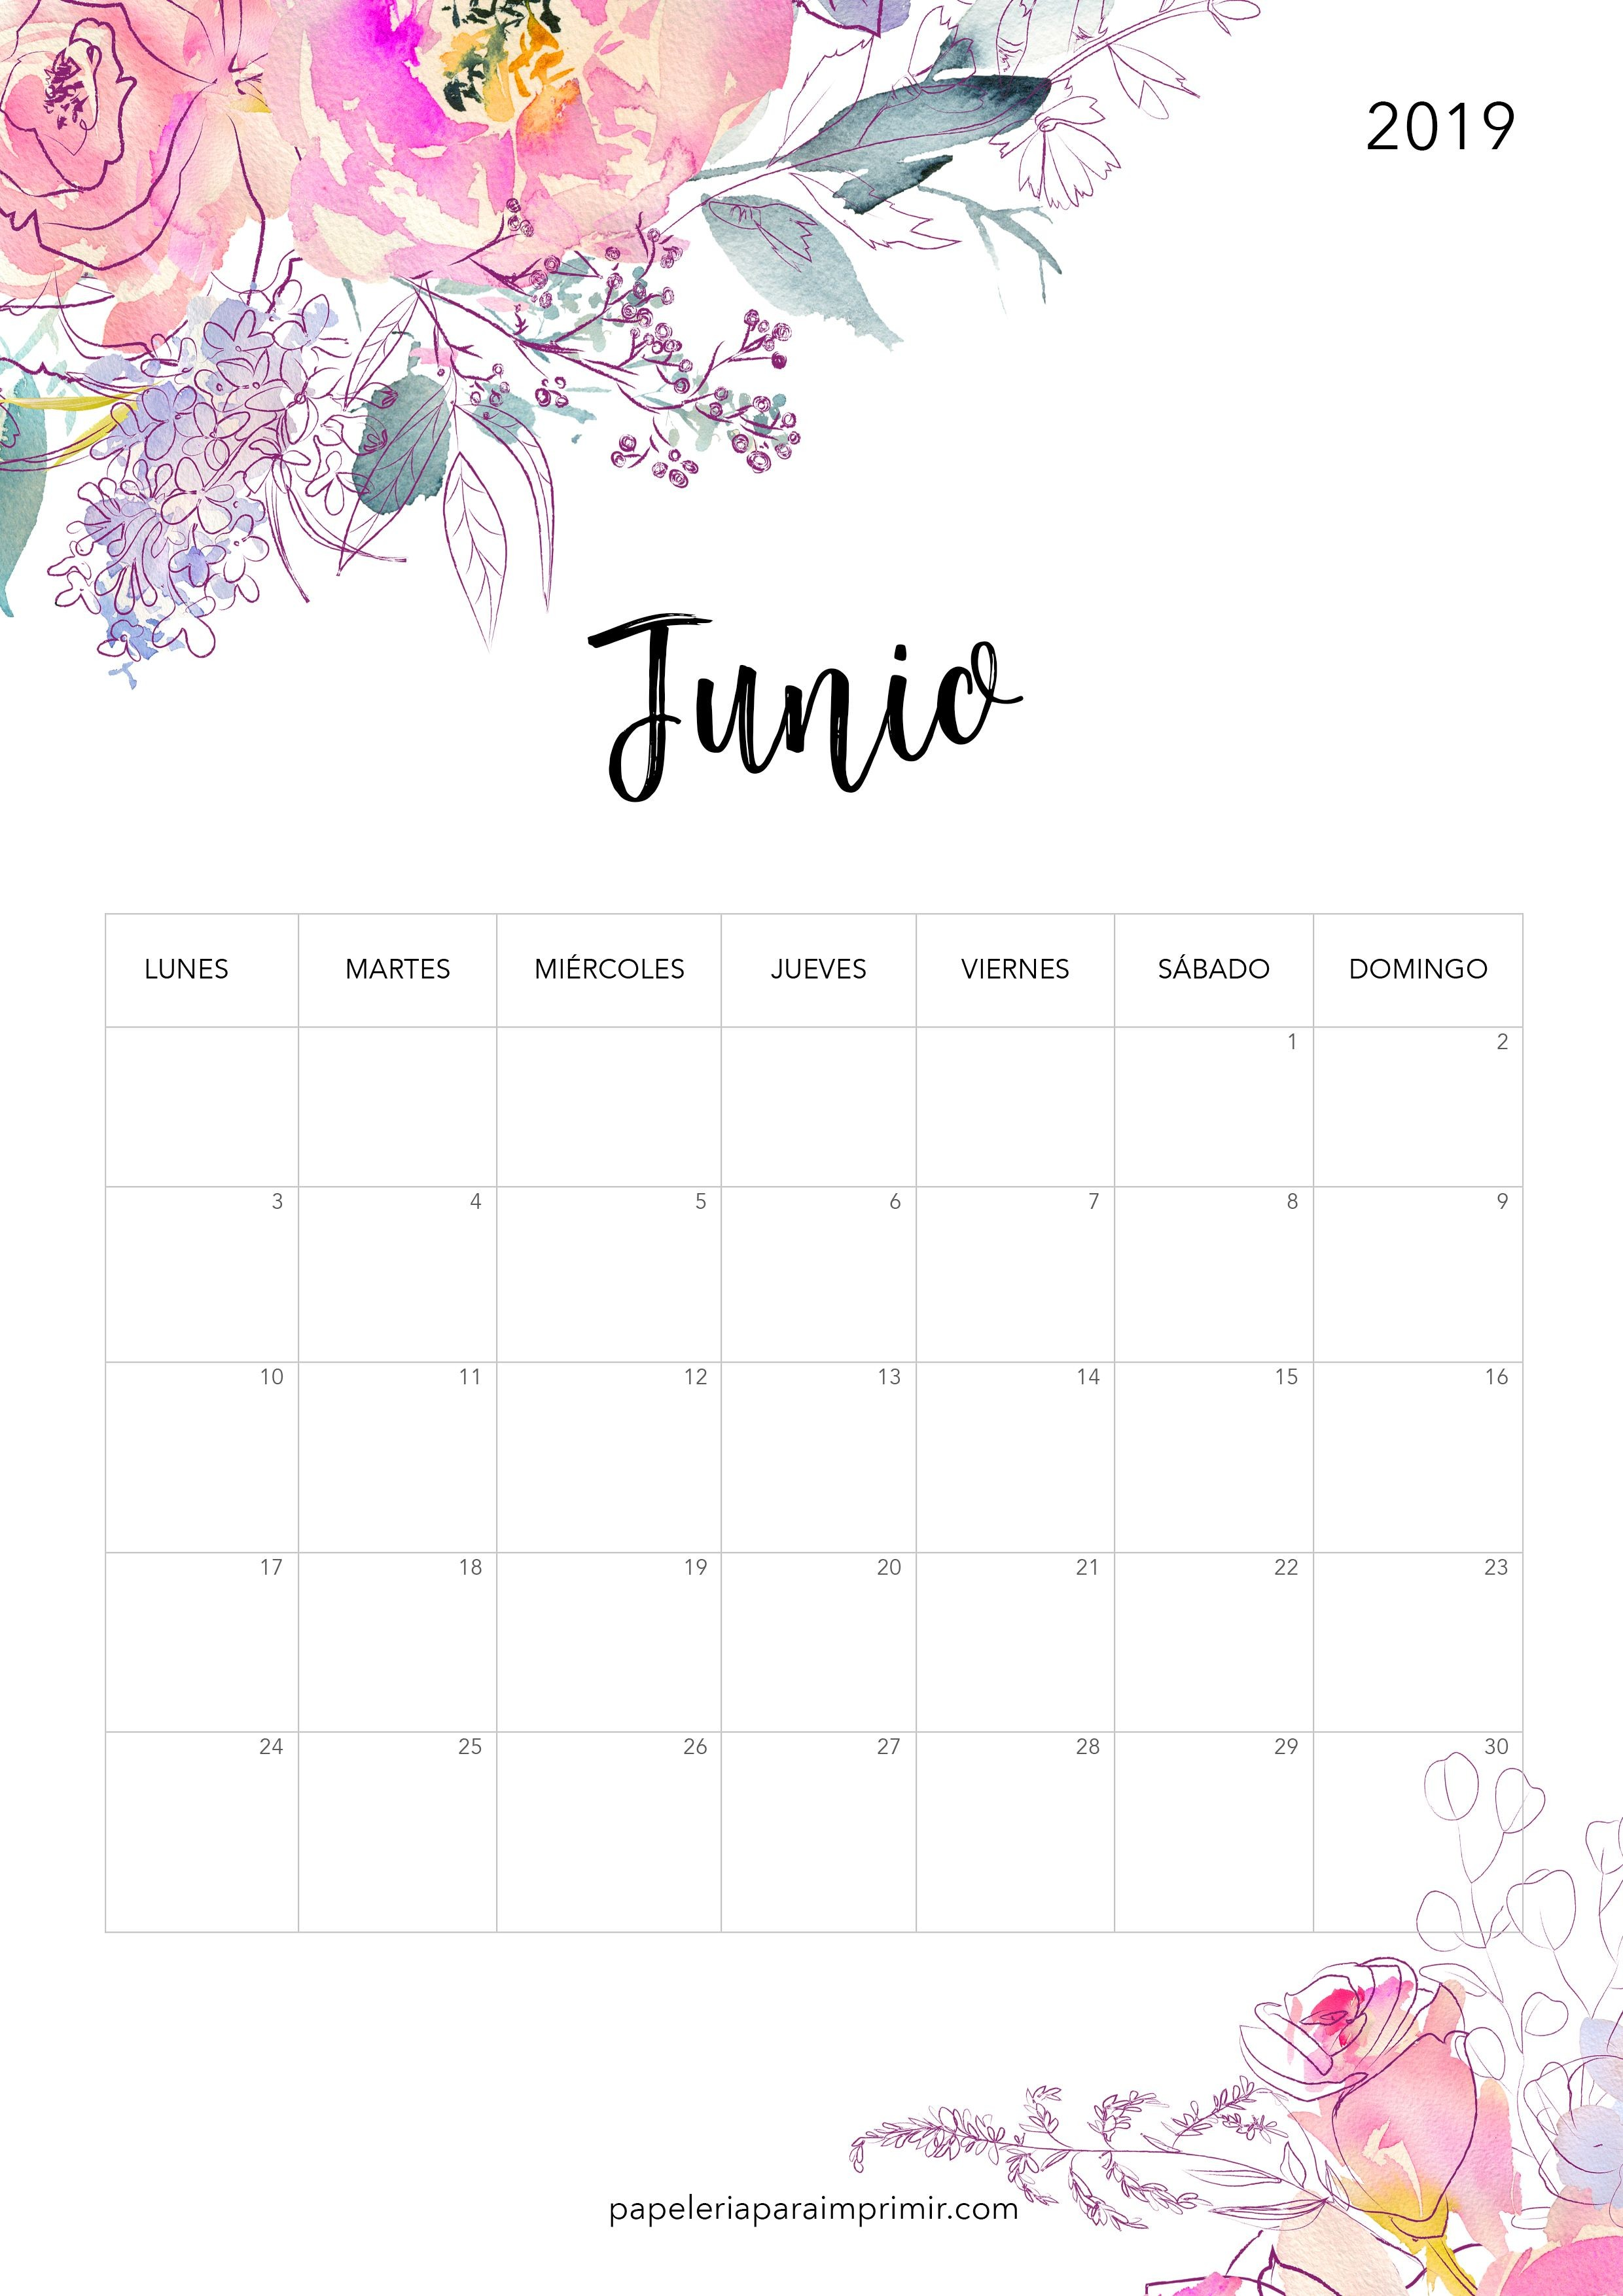 Calendario para imprimir Junio 2019 calendario imprimir junio 2019 printable